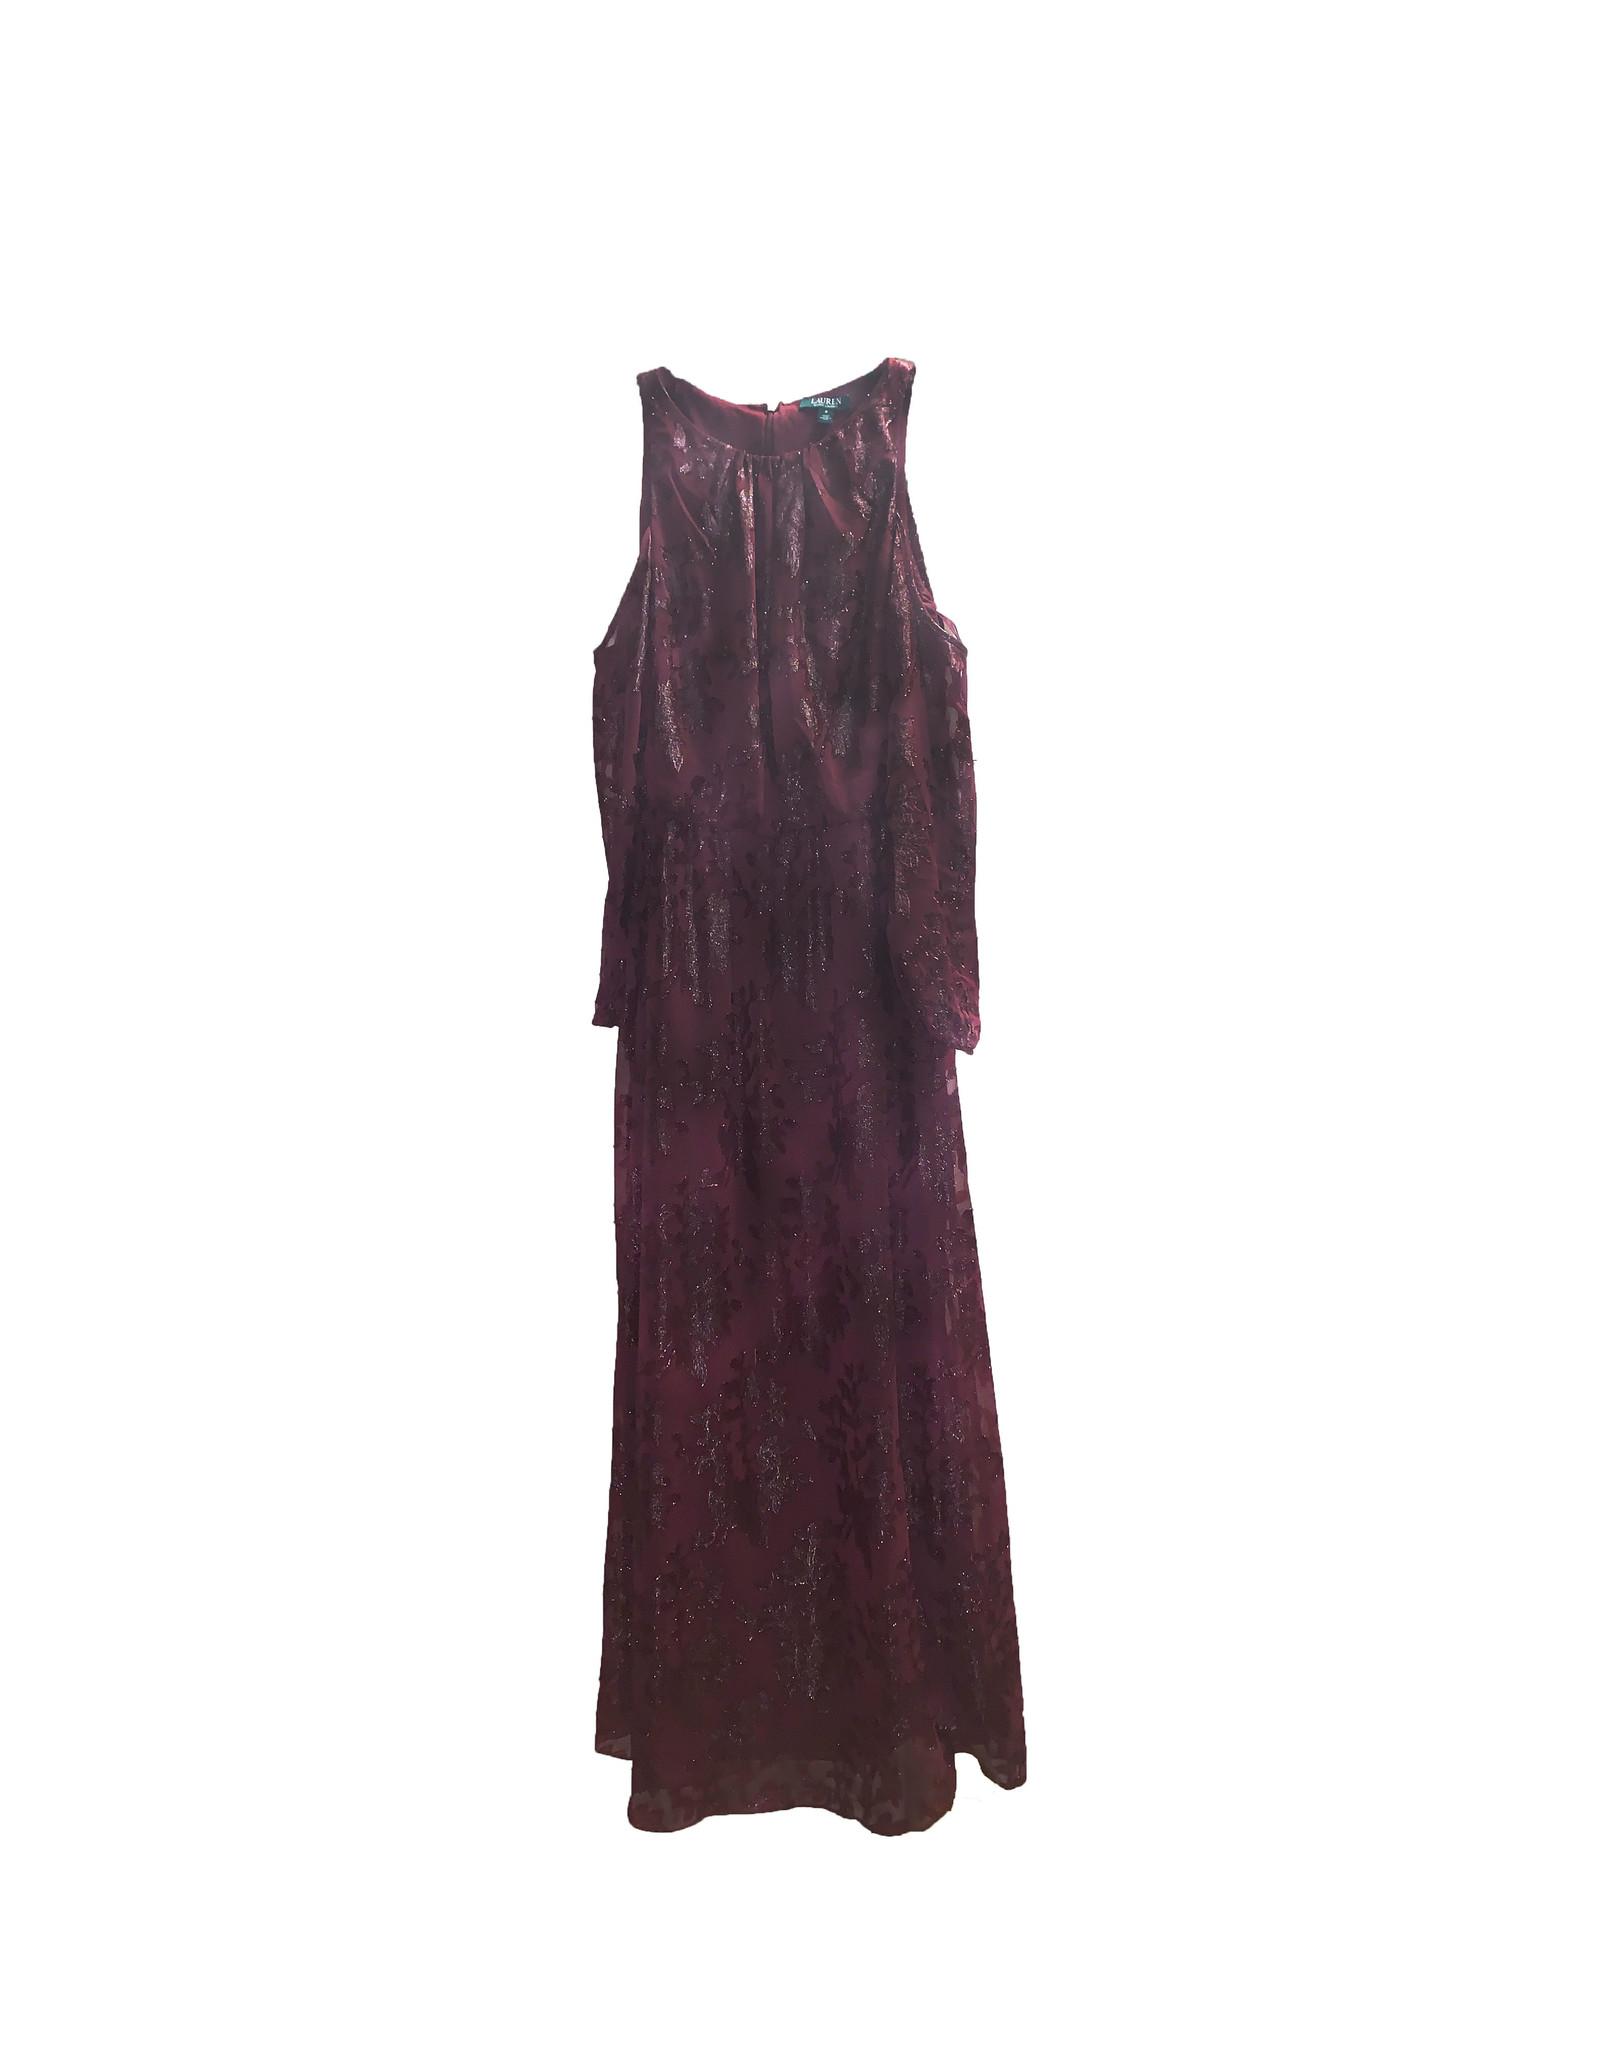 LAUREN RALPH LAUREN Lauren Ralph Lauren  Metalic  Cold  Shoulder Formal  Dress